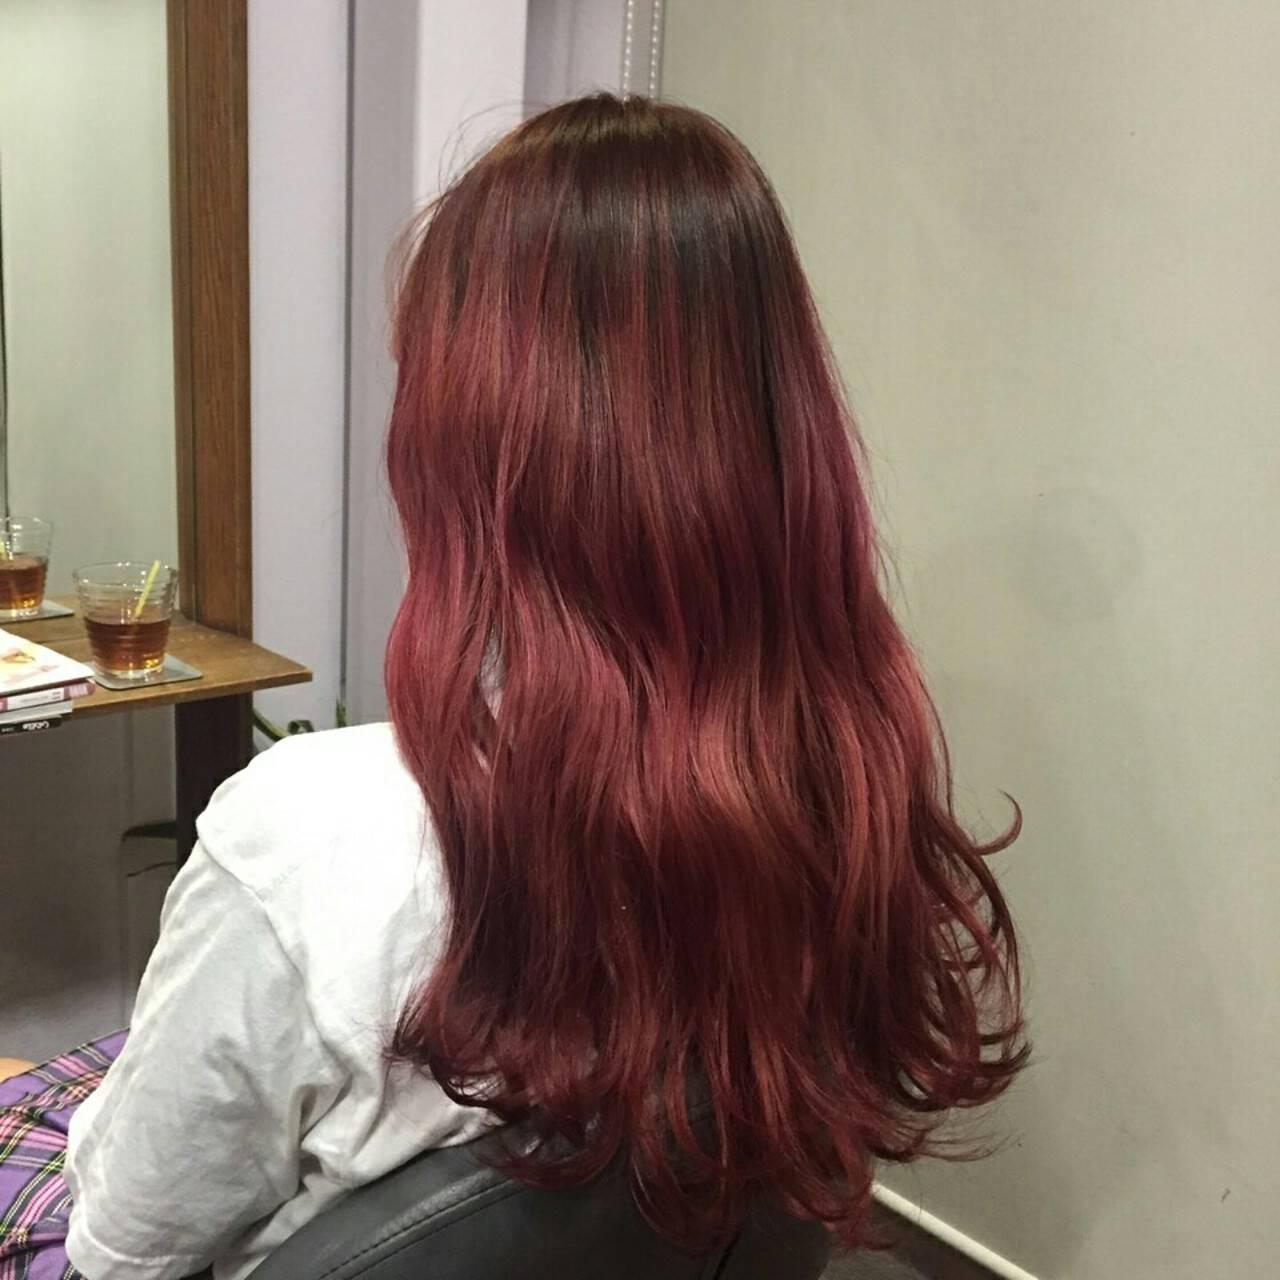 レッド グラデーションカラー 外国人風 ロングヘアスタイルや髪型の写真・画像